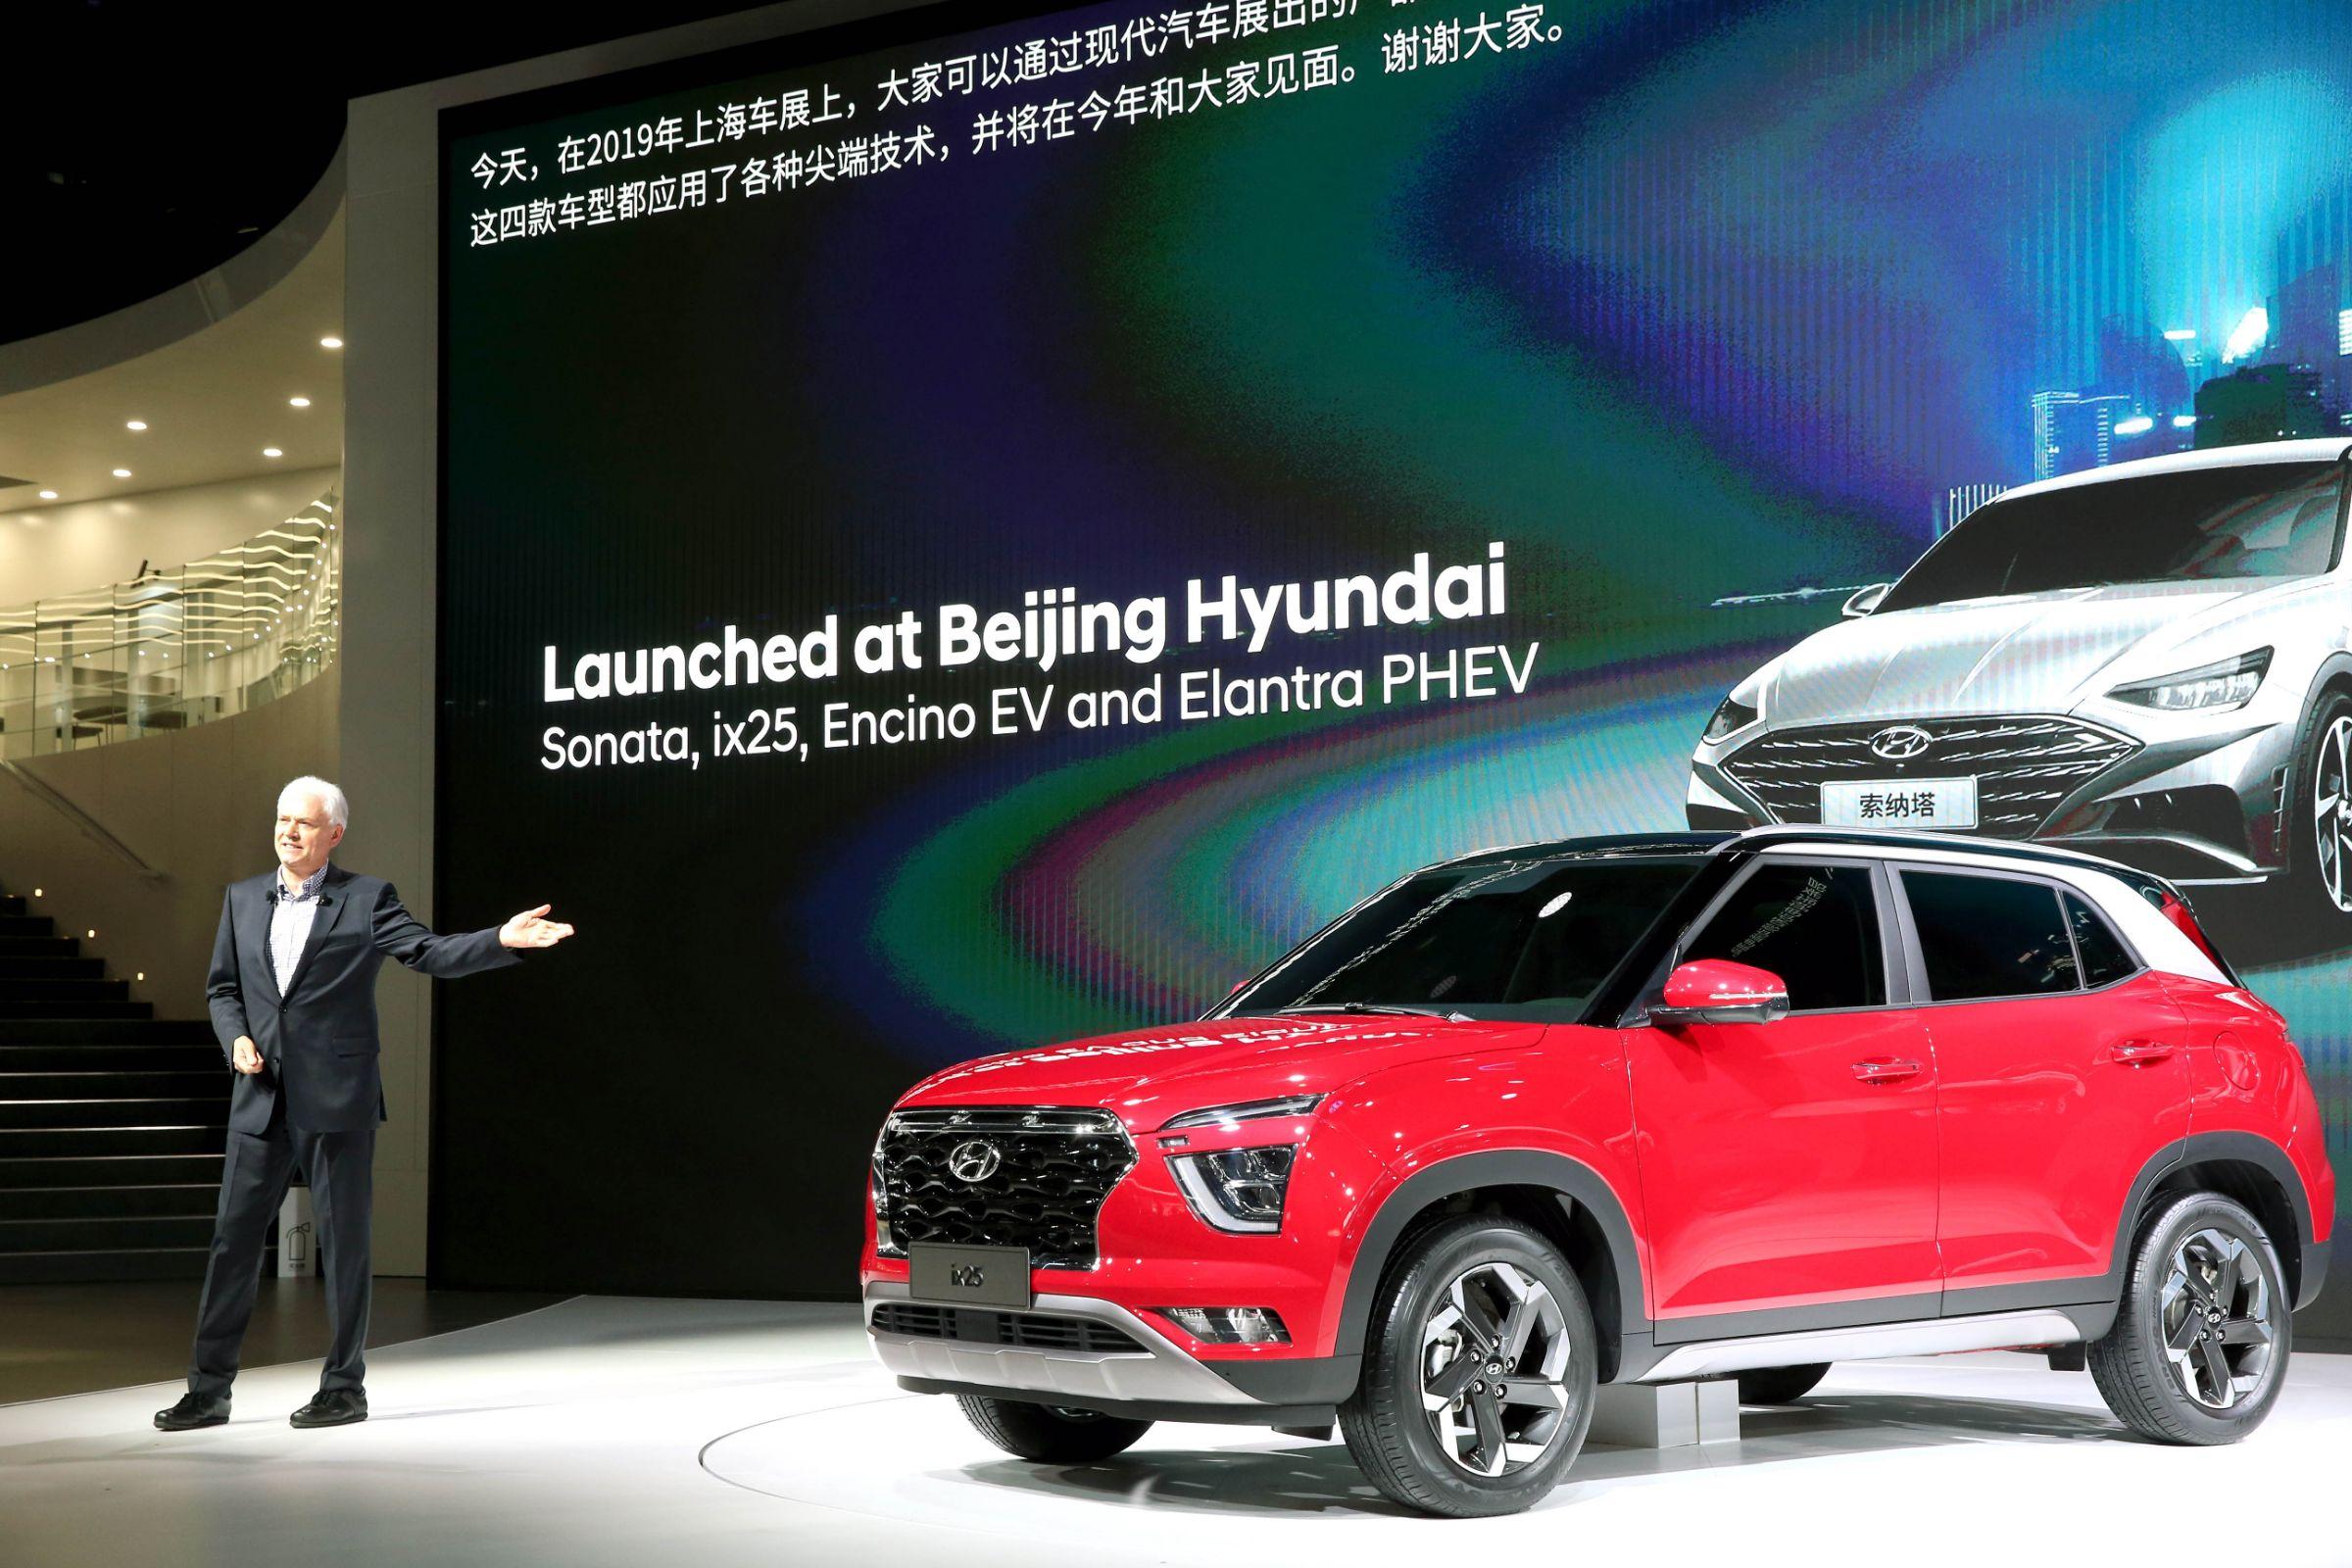 Adiantamos detalhes de algumas atrações do Salão de Xangai 2019. Maior evento do setor apresentará para o público produtos das principais marcas do setor.